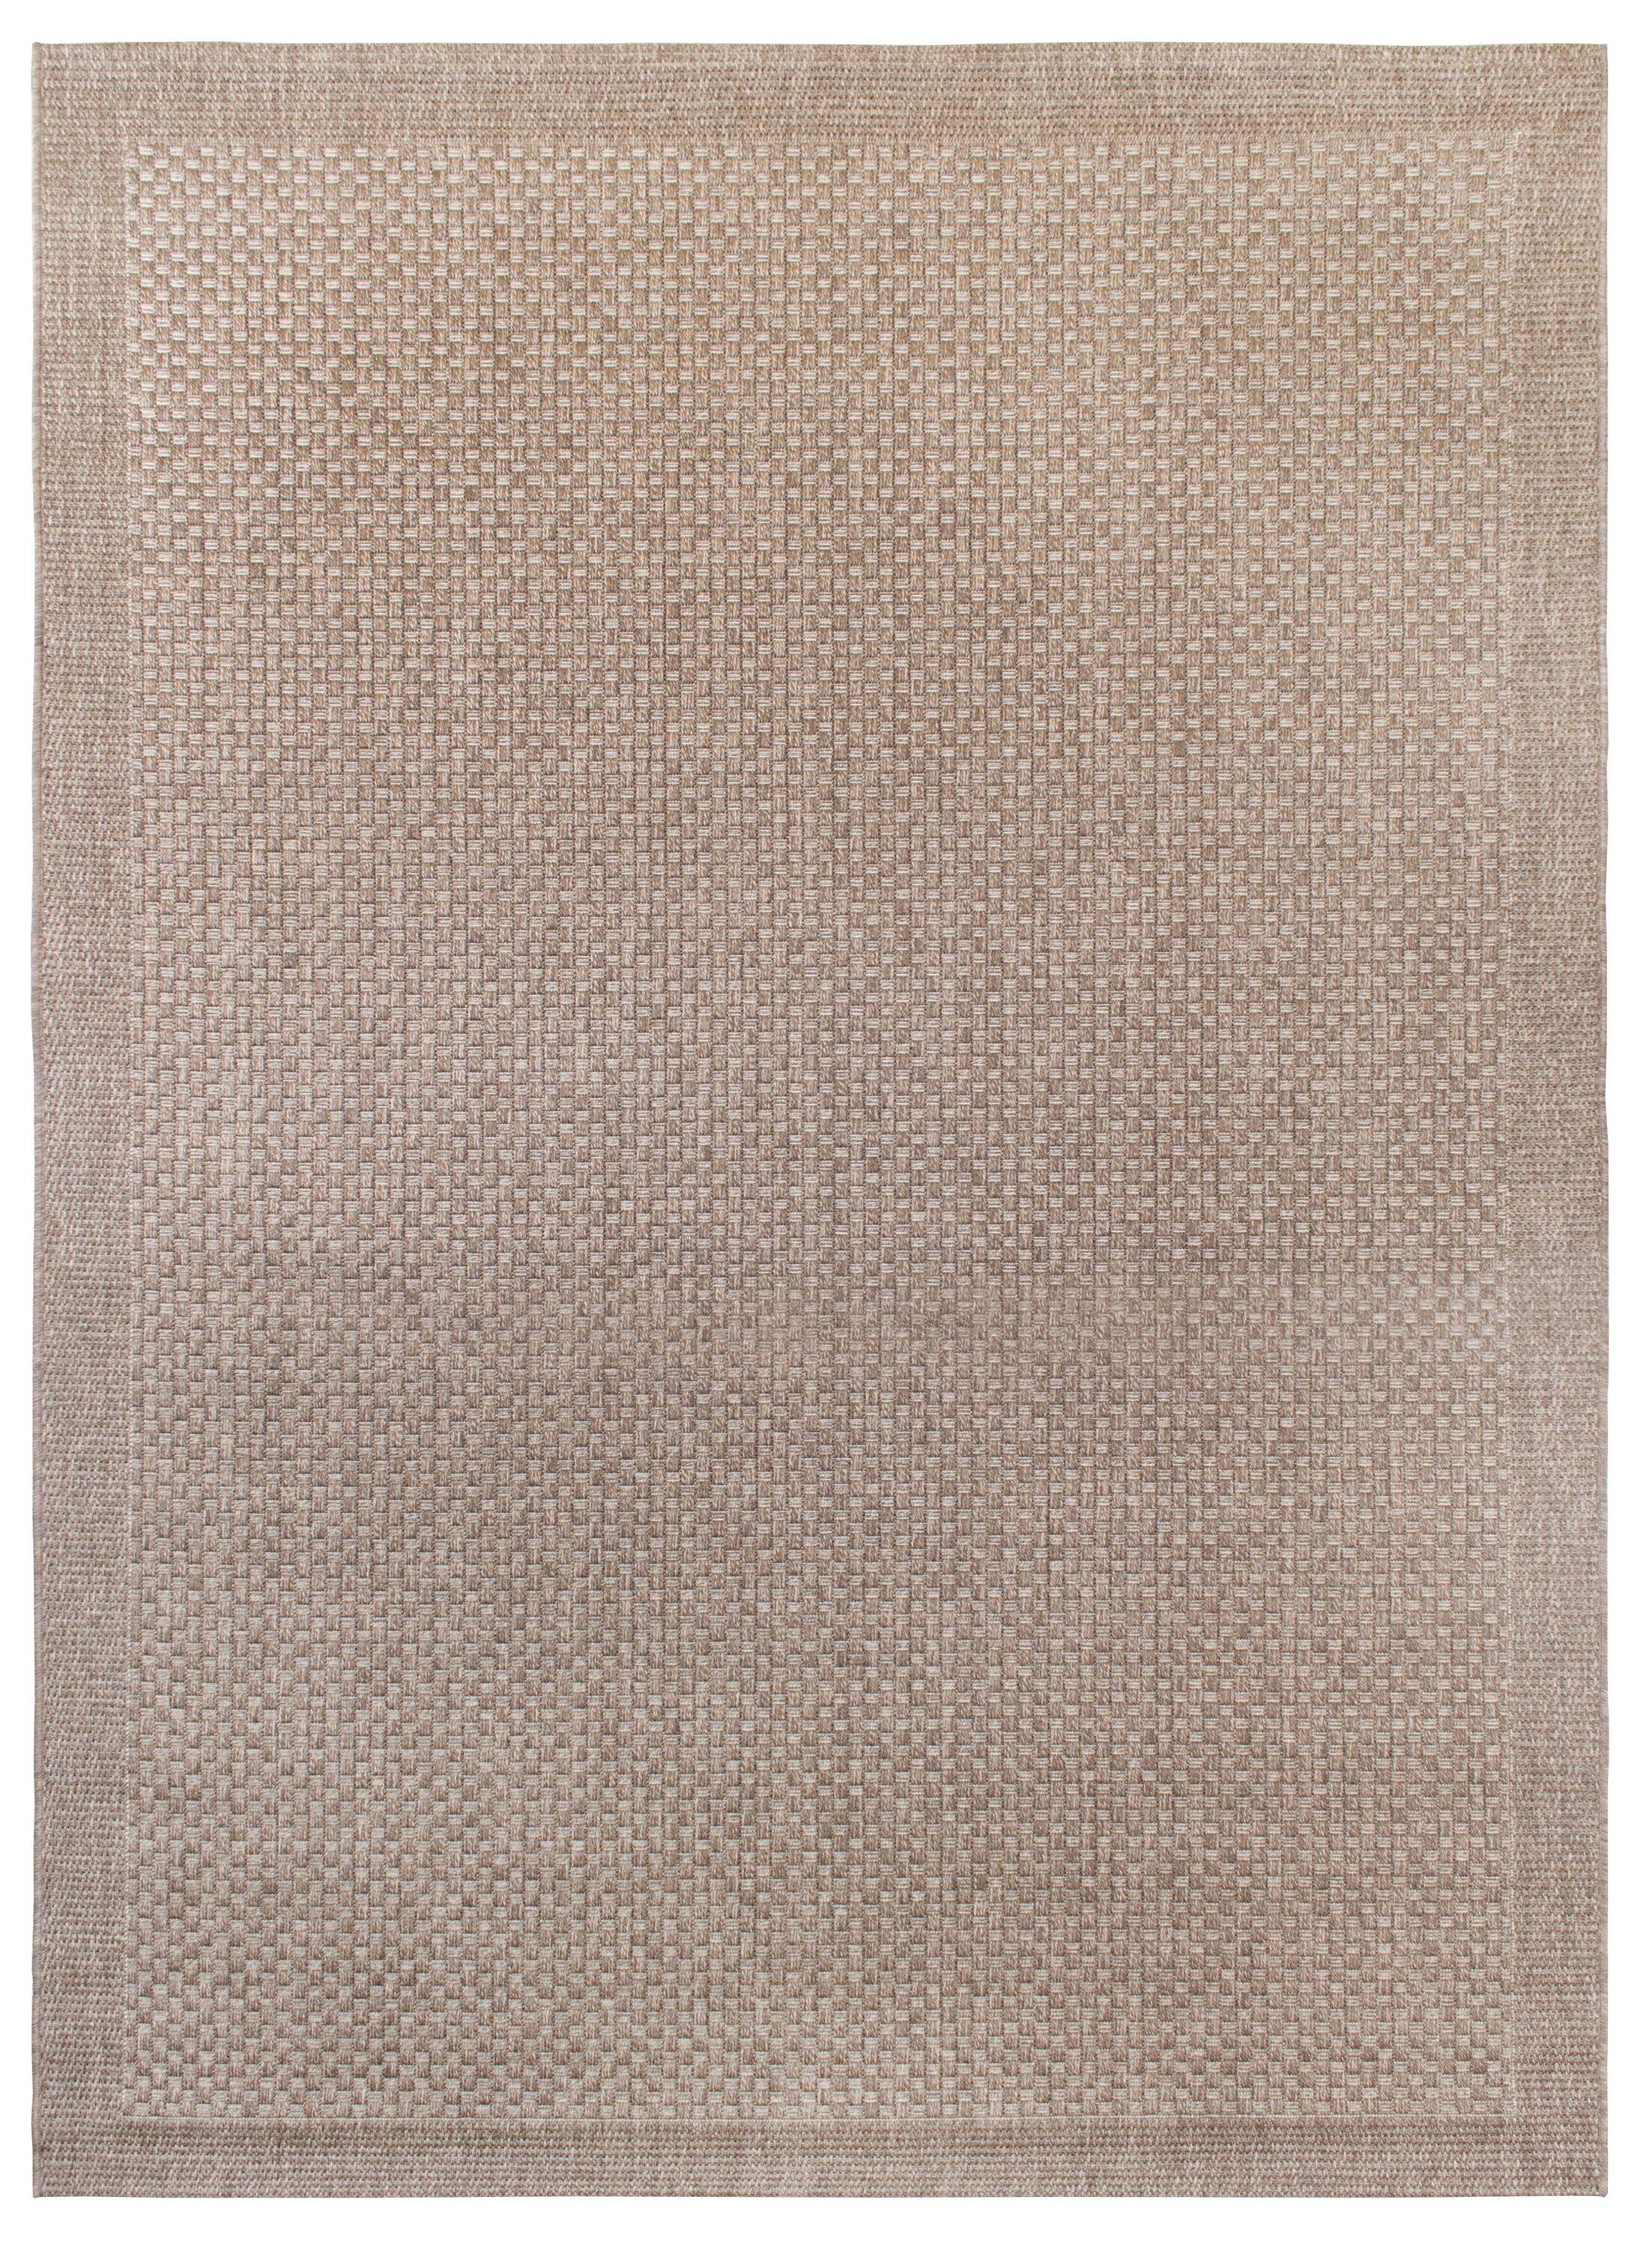 Hoerner Beige Indoor/Outdoor Area Rug Rug Size: 7'10